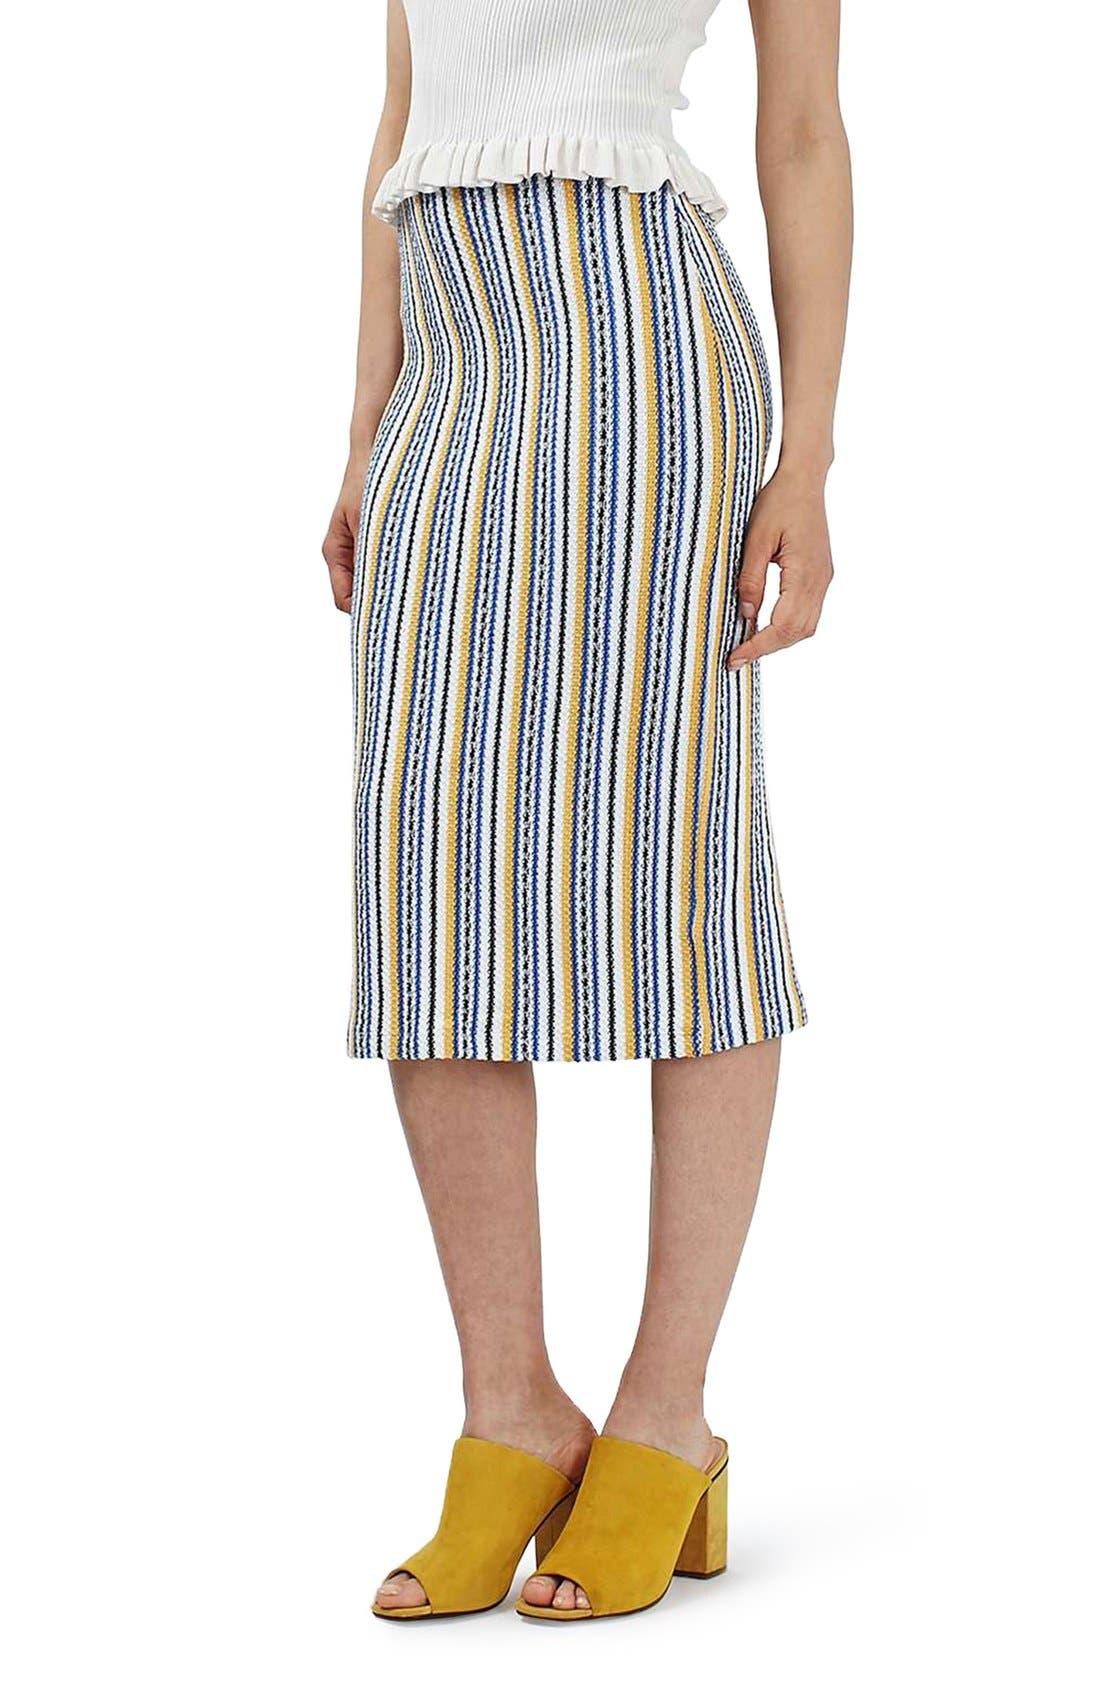 Alternate Image 1 Selected - Topshop 'Seaside' Striped Tube Skirt